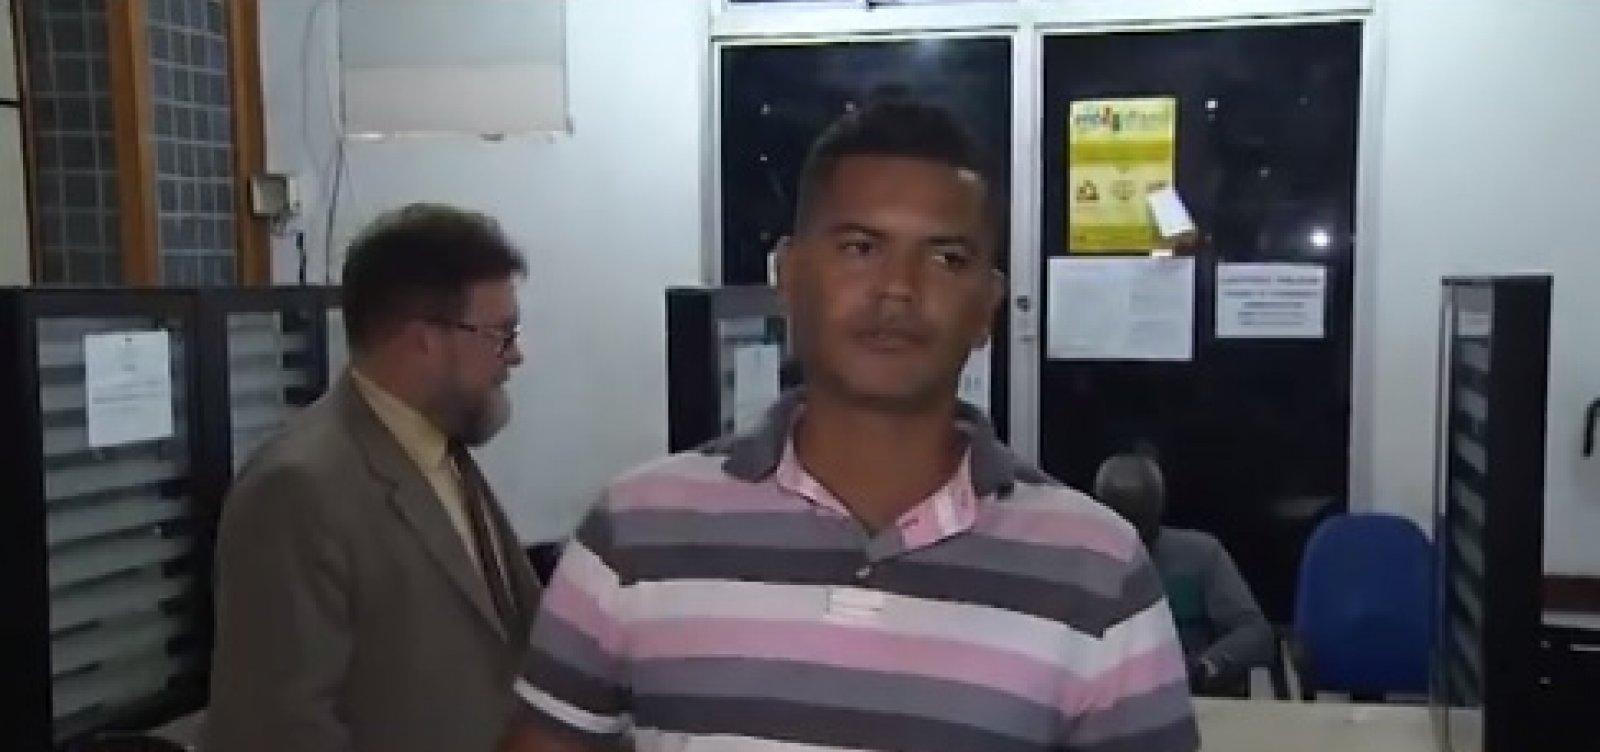 Motorista suspeito de prender perna de passageira em ônibus é demitido